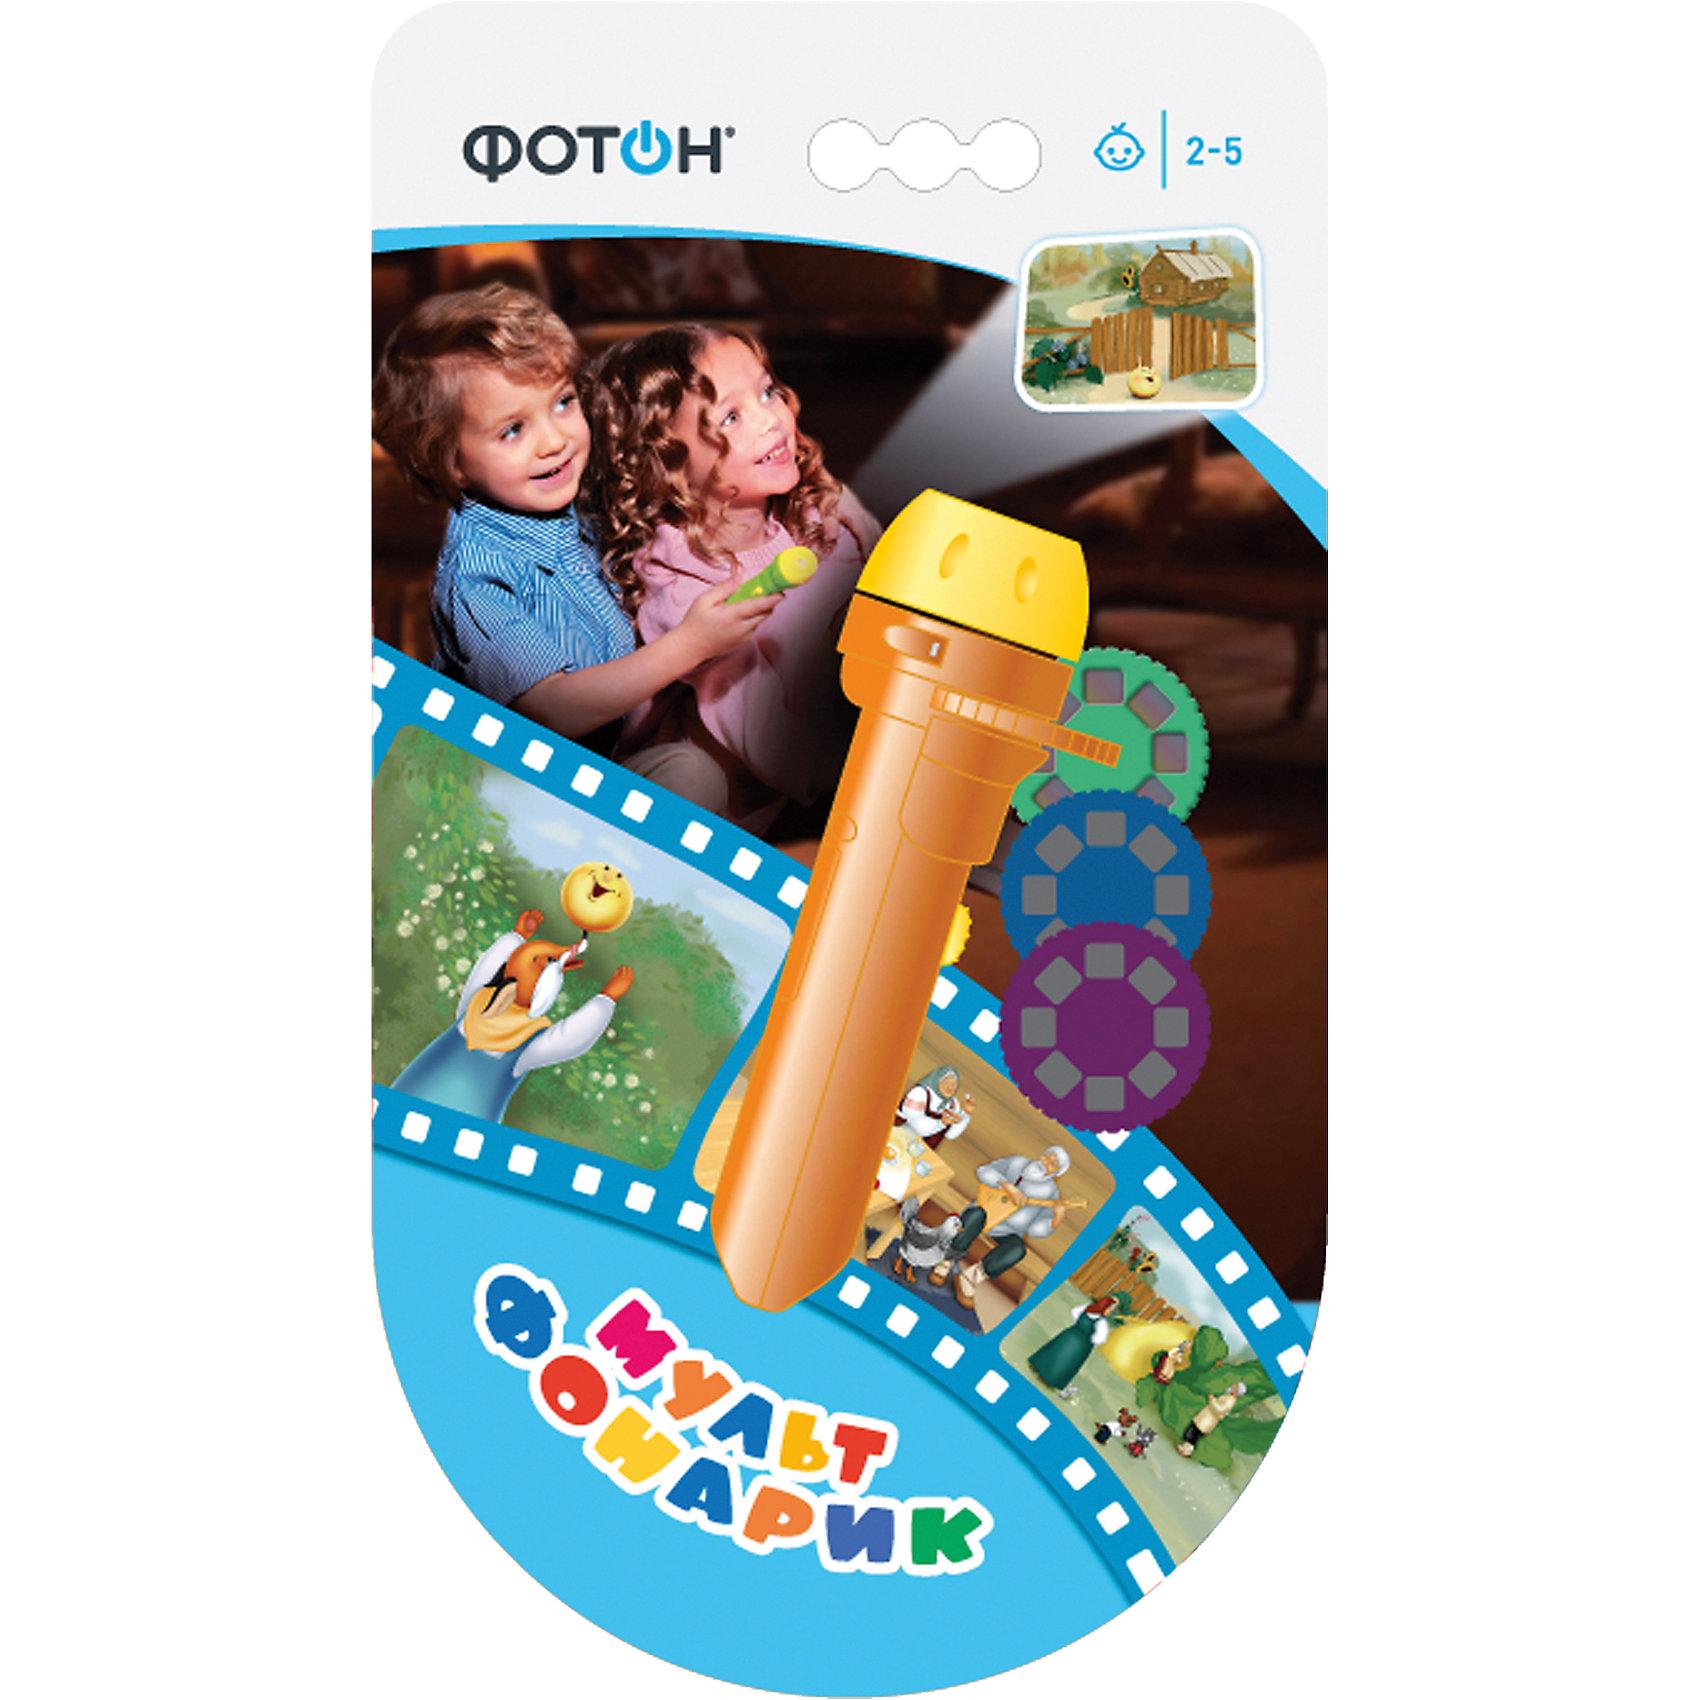 Мультфонарик с дисками «Любимые сказки», оранжевый, ФотонМульфонарик - это прекрасный подарок для Вашего ребенка!<br>С помощью волшебного фонарика Вы сможете показывать и рассказывать сказки своему малышу в любое время.<br><br>Сказки: <br>- Колобок<br>- Репка<br>- Курочка Ряба.<br><br>Дополнительная информация:<br><br>- Возраст: от 3 лет.<br>- Материал: пластик.<br>- Цвет: оранжевый.<br>- Размер упаковки: 23х12.5х3.5 см.<br>- Вес в упаковке: 94 г.<br><br>Купить мультфонарик с дисками Любимые сказки в оранжевом цвете, можно в нашем магазине.<br><br>Ширина мм: 230<br>Глубина мм: 125<br>Высота мм: 35<br>Вес г: 94<br>Возраст от месяцев: 36<br>Возраст до месяцев: 84<br>Пол: Унисекс<br>Возраст: Детский<br>SKU: 5007965